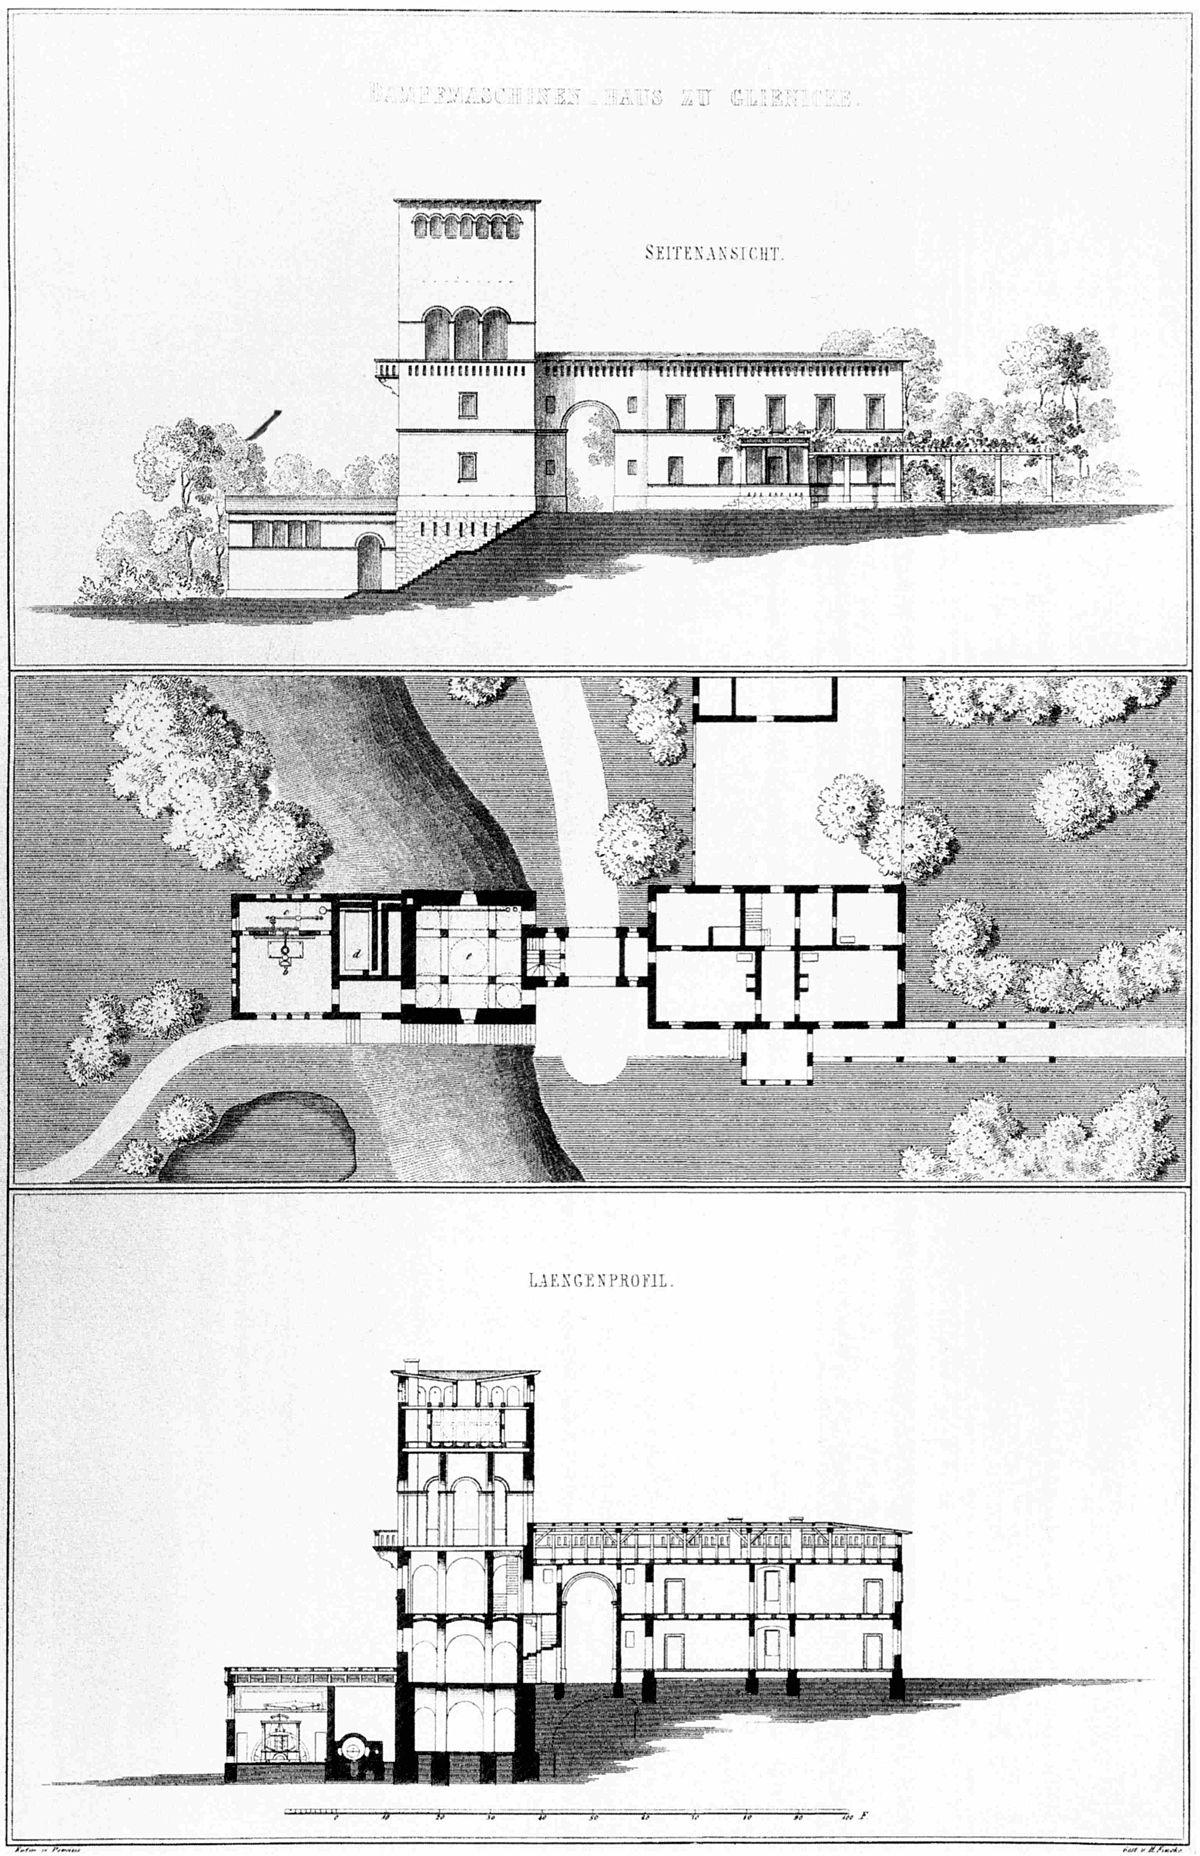 Proyecto arquitect nico wikipedia la enciclopedia libre for Representacion arquitectonica en planos